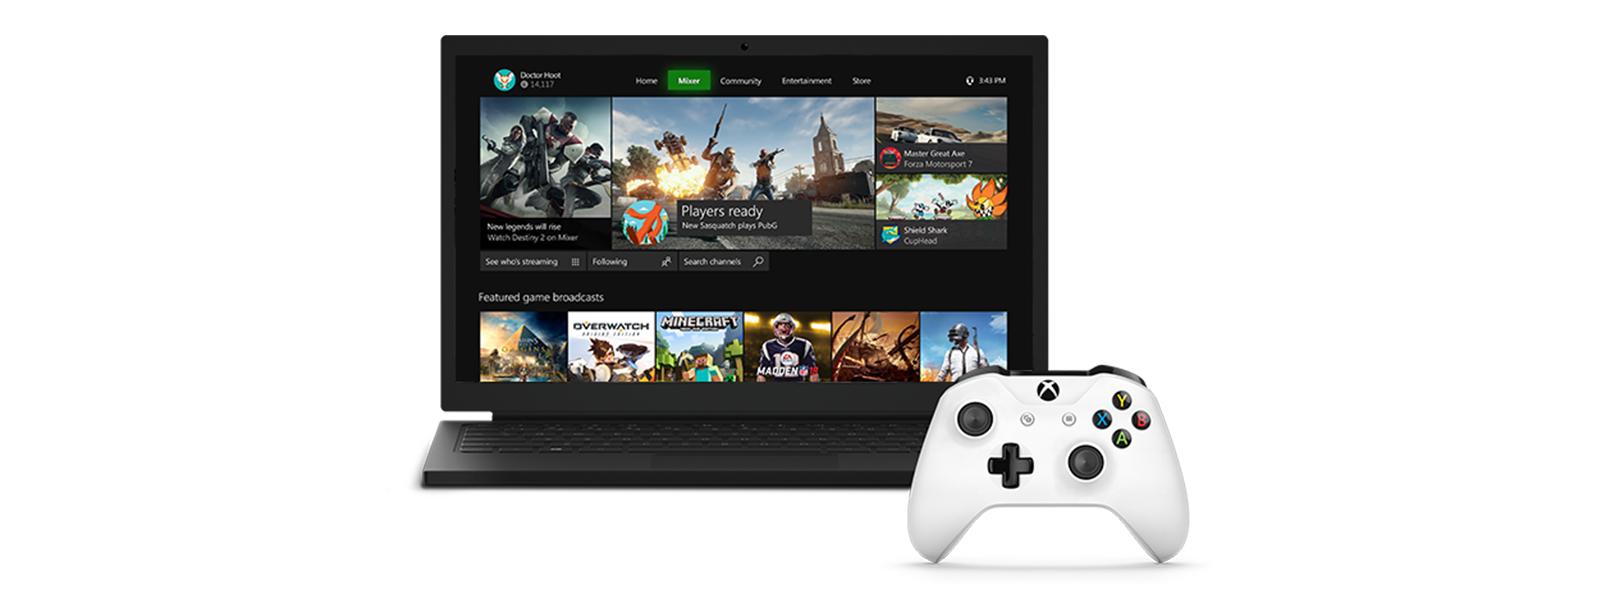 Новый интерфейс Mixer для игр на устройствах с Windows 10